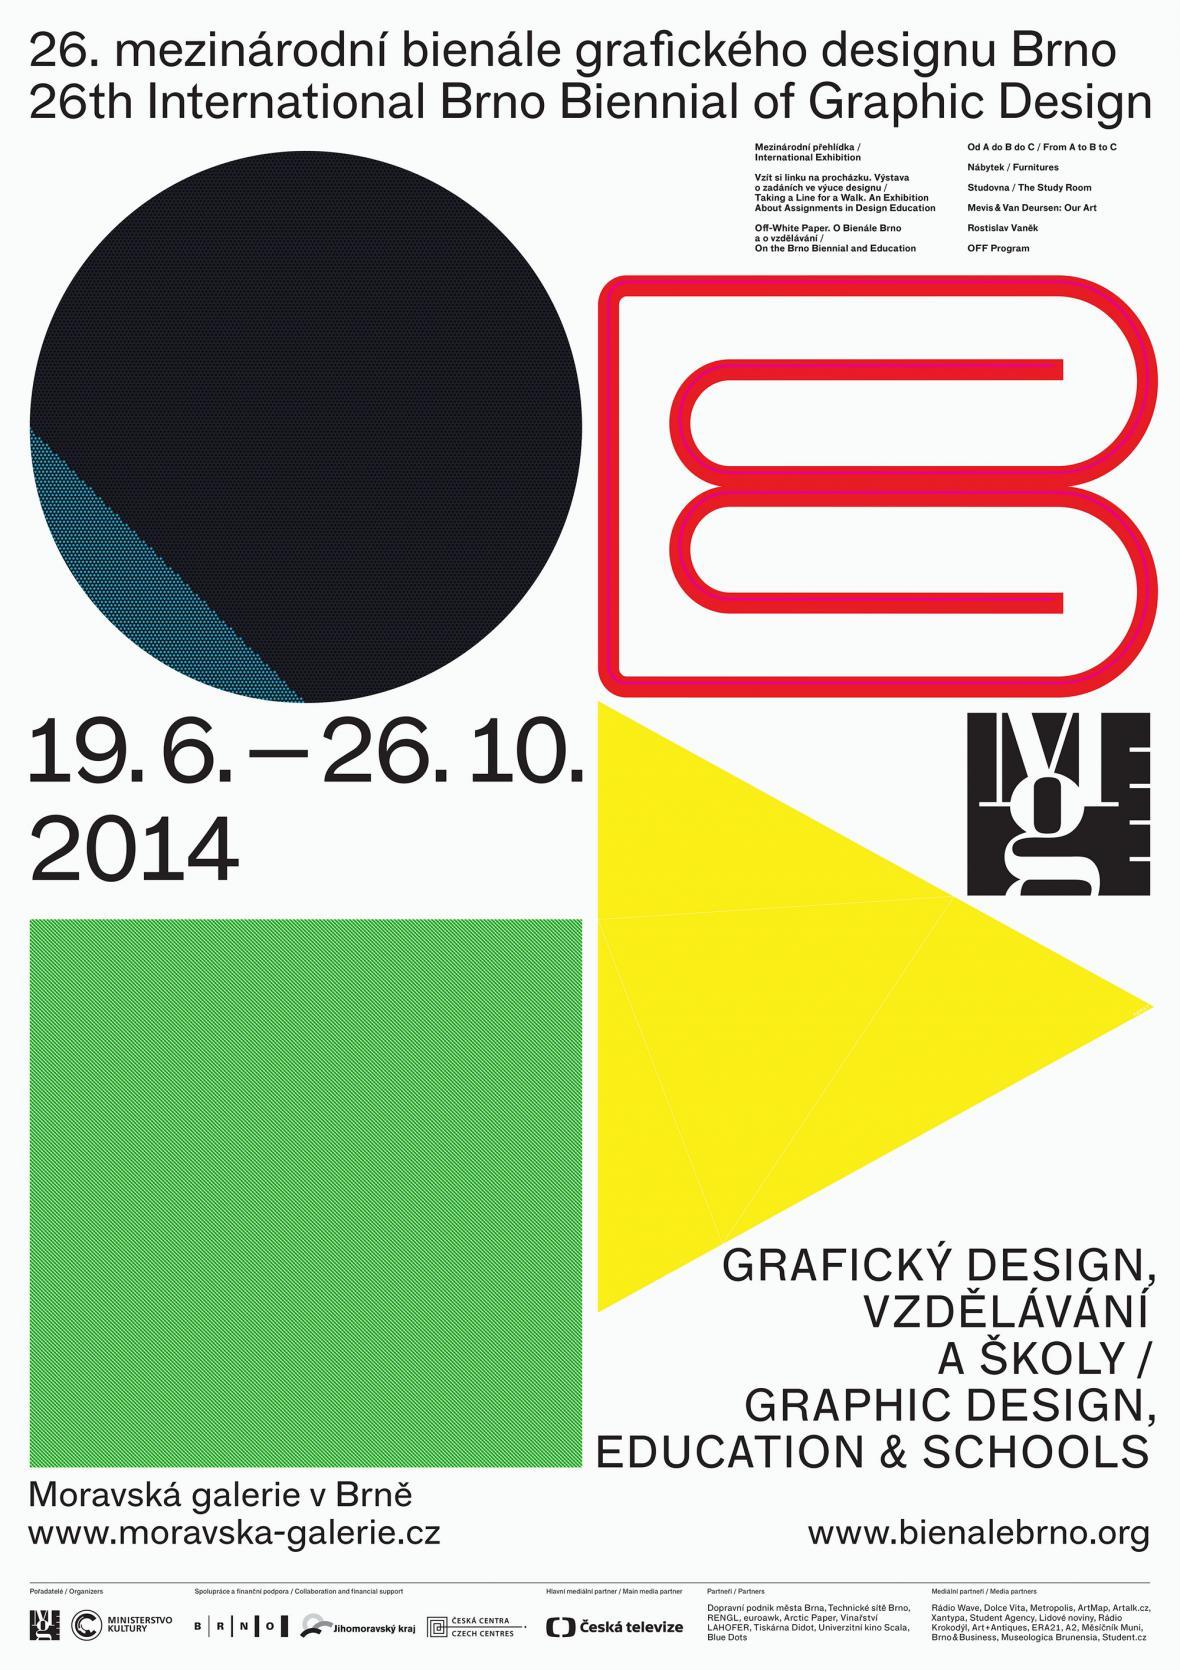 Vizuál 36. bienále grafického designu v Brně